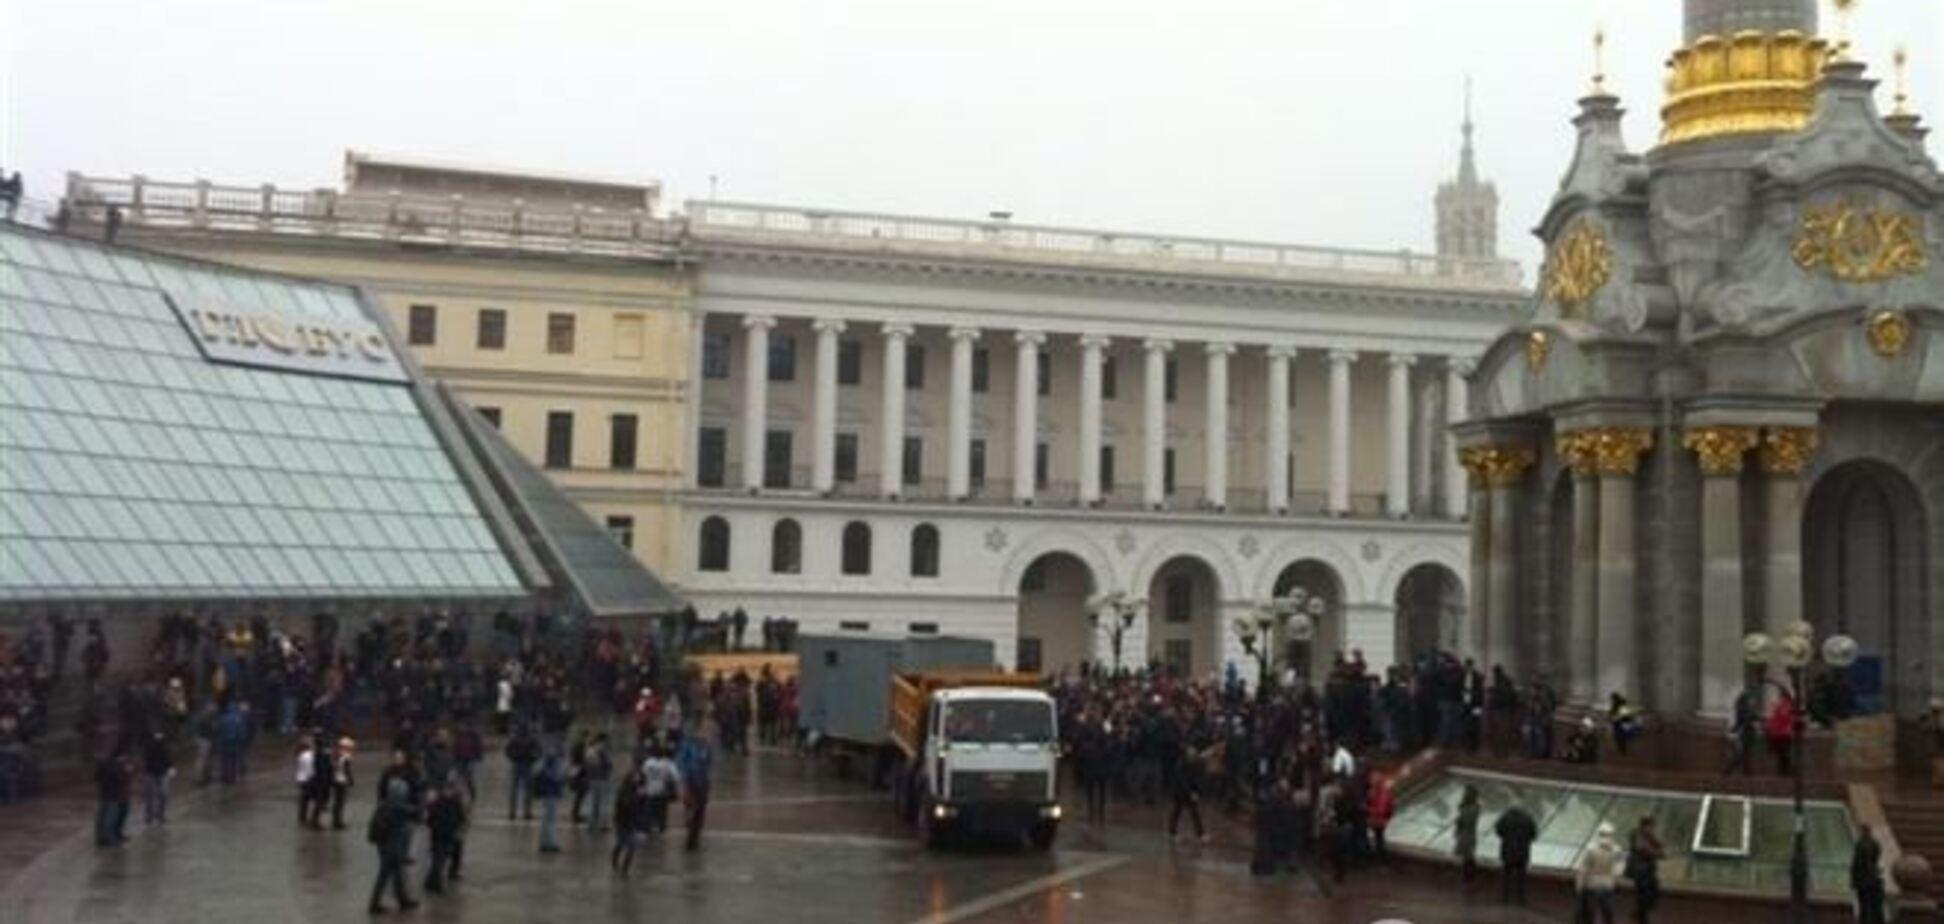 Черниговским автоперевозчикам запретили везти людей в Киев 24 ноября